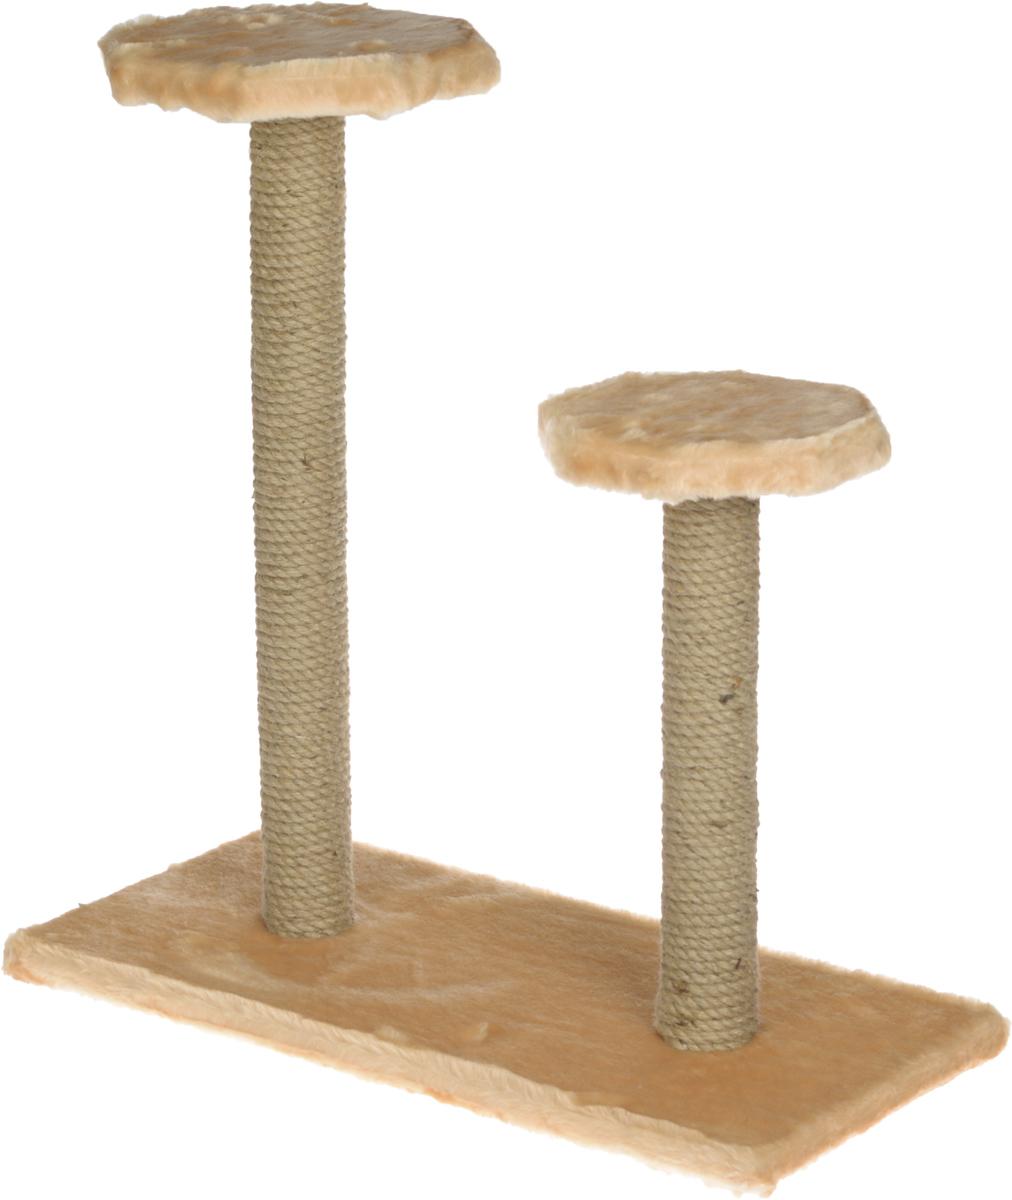 Когтеточка ЗооМарк, на подставке, с полками, цвет: бежевый, 56 х 31 х 64 см108_бежевыйКогтеточка ЗооМарк поможет сохранить мебель и ковры в доме от когтей вашего любимца, стремящегося удовлетворить свою естественную потребность точить когти. Когтеточка изготовлена из дерева, искусственного меха и джута. Товар продуман в мельчайших деталях и, несомненно, понравится вашей кошке. Имеется две полки. Всем кошкам необходимо стачивать когти. Когтеточка - один из самых необходимых аксессуаров для кошки. Для приучения к когтеточке можно натереть ее сухой валерьянкой или кошачьей мятой. Когтеточка поможет вашему любимцу стачивать когти и при этом не портить вашу мебель.